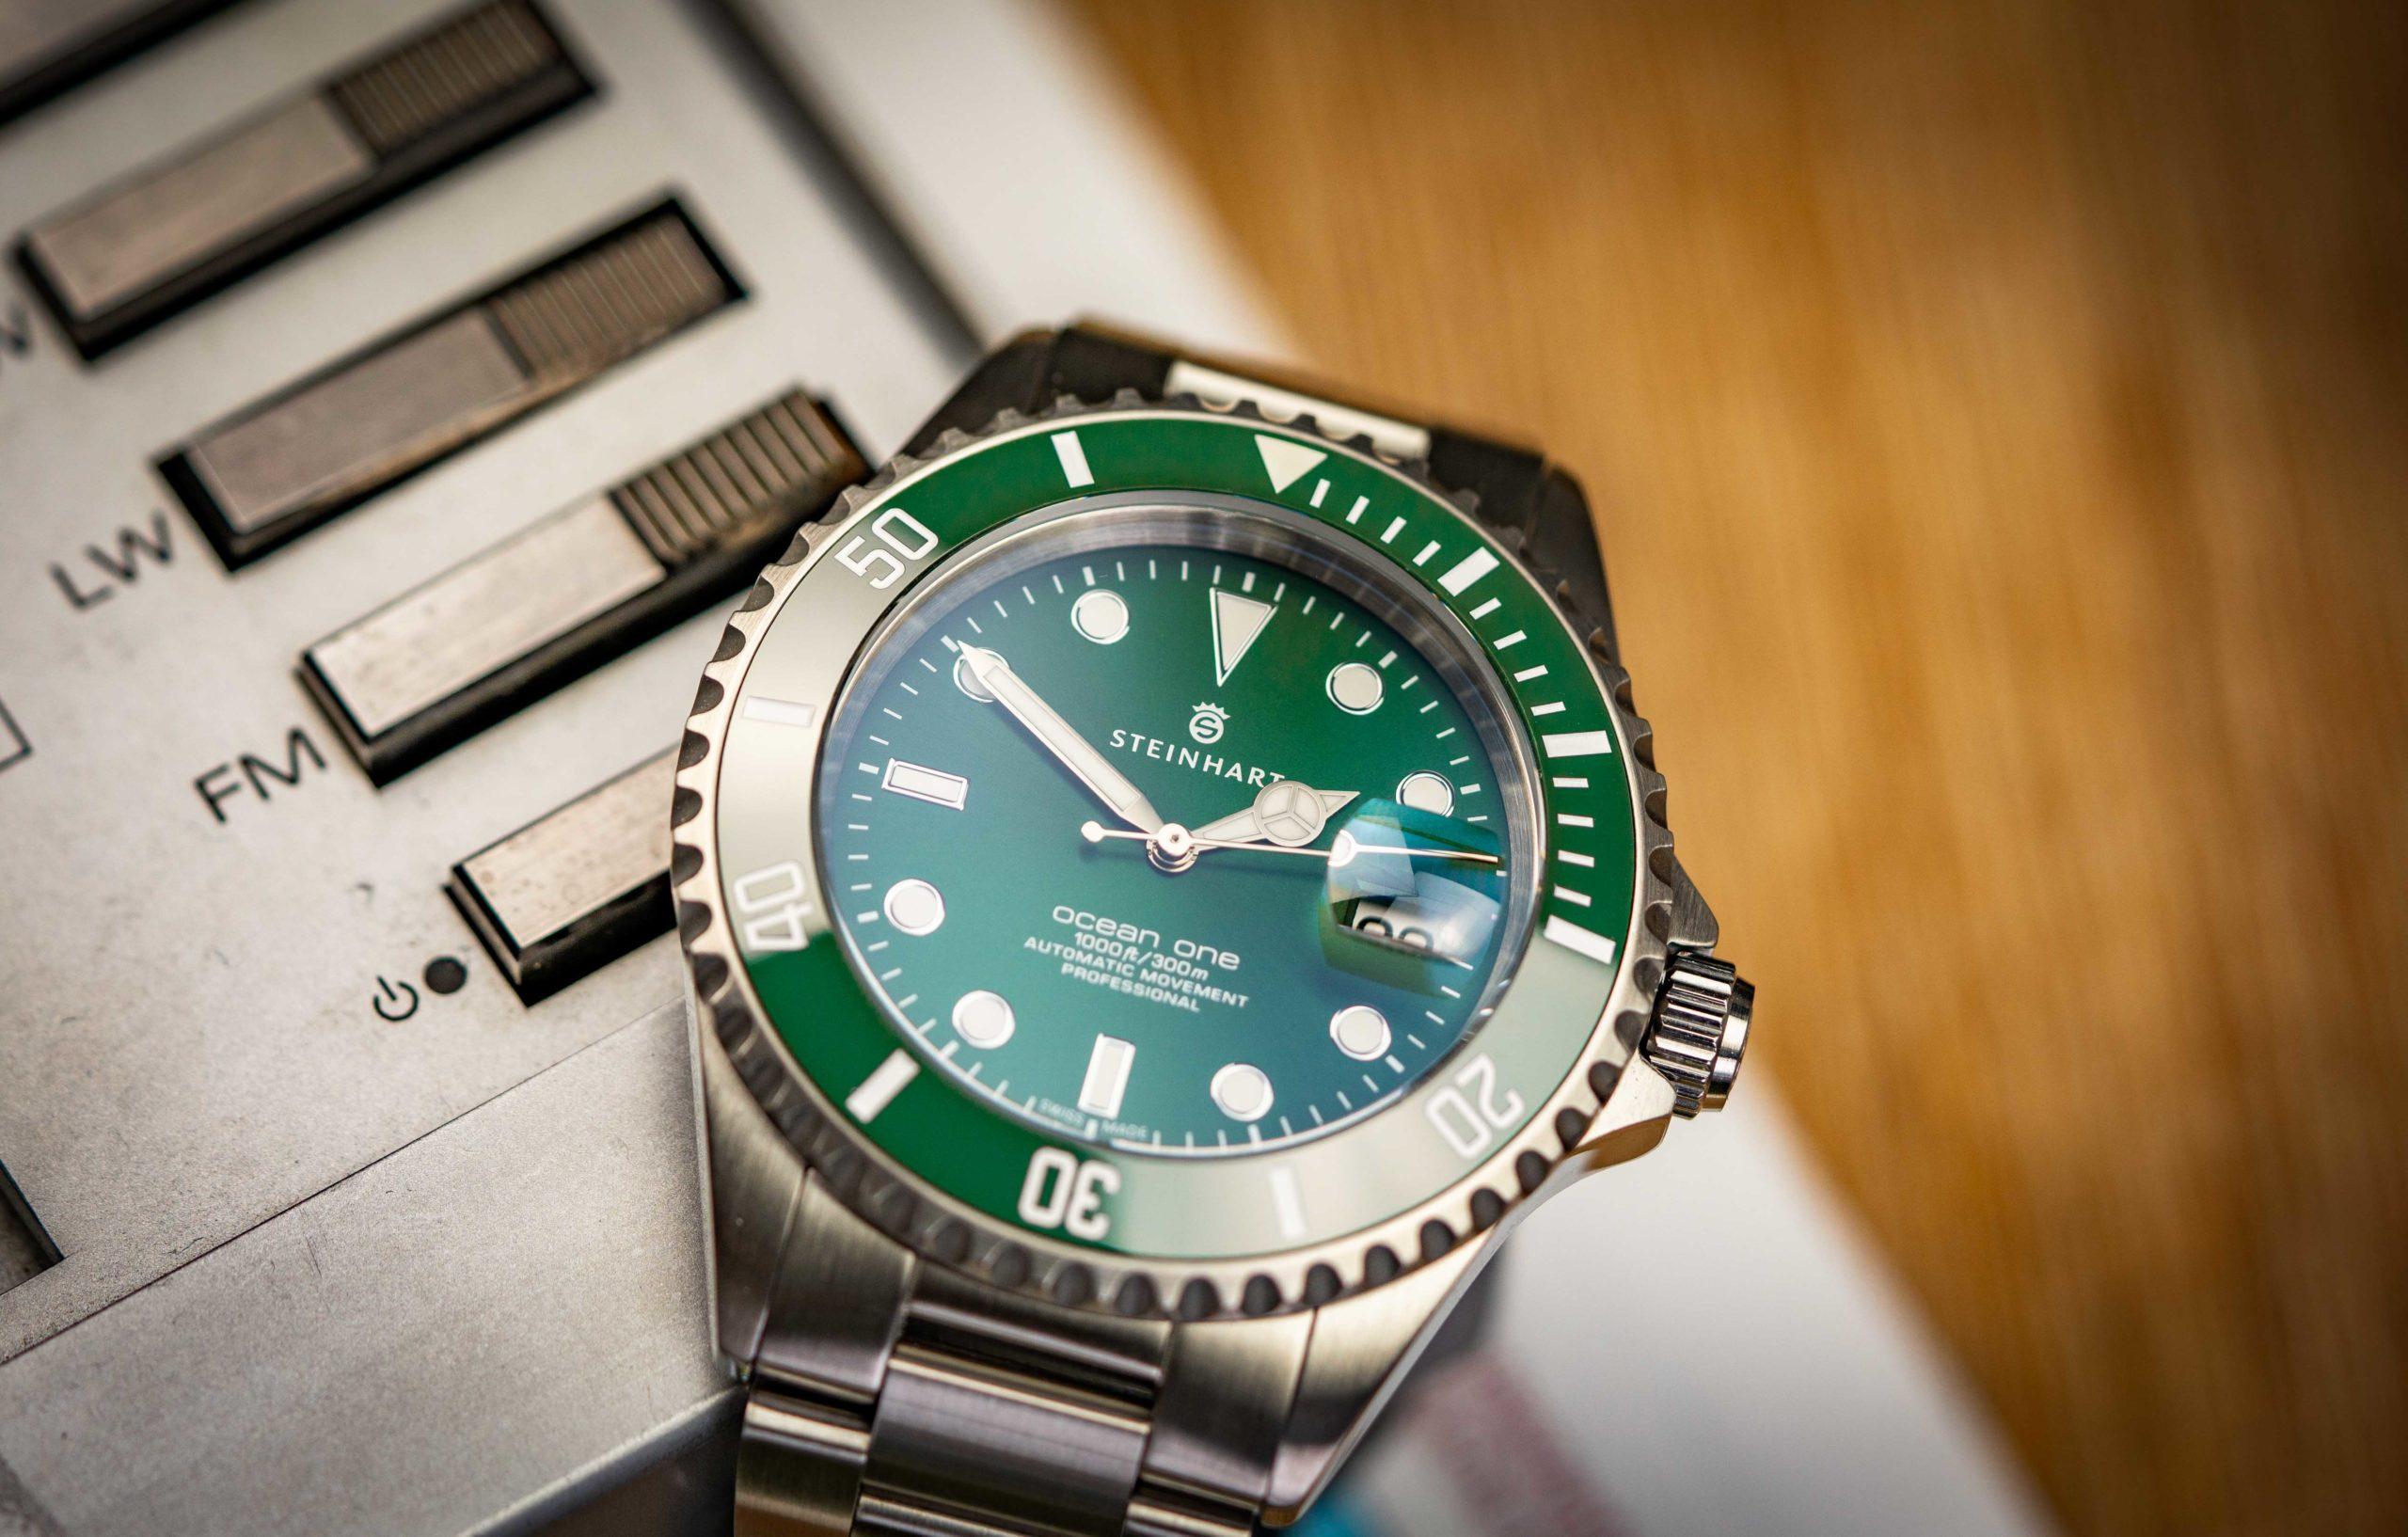 Steinhart-Uhr-Rolex-Test